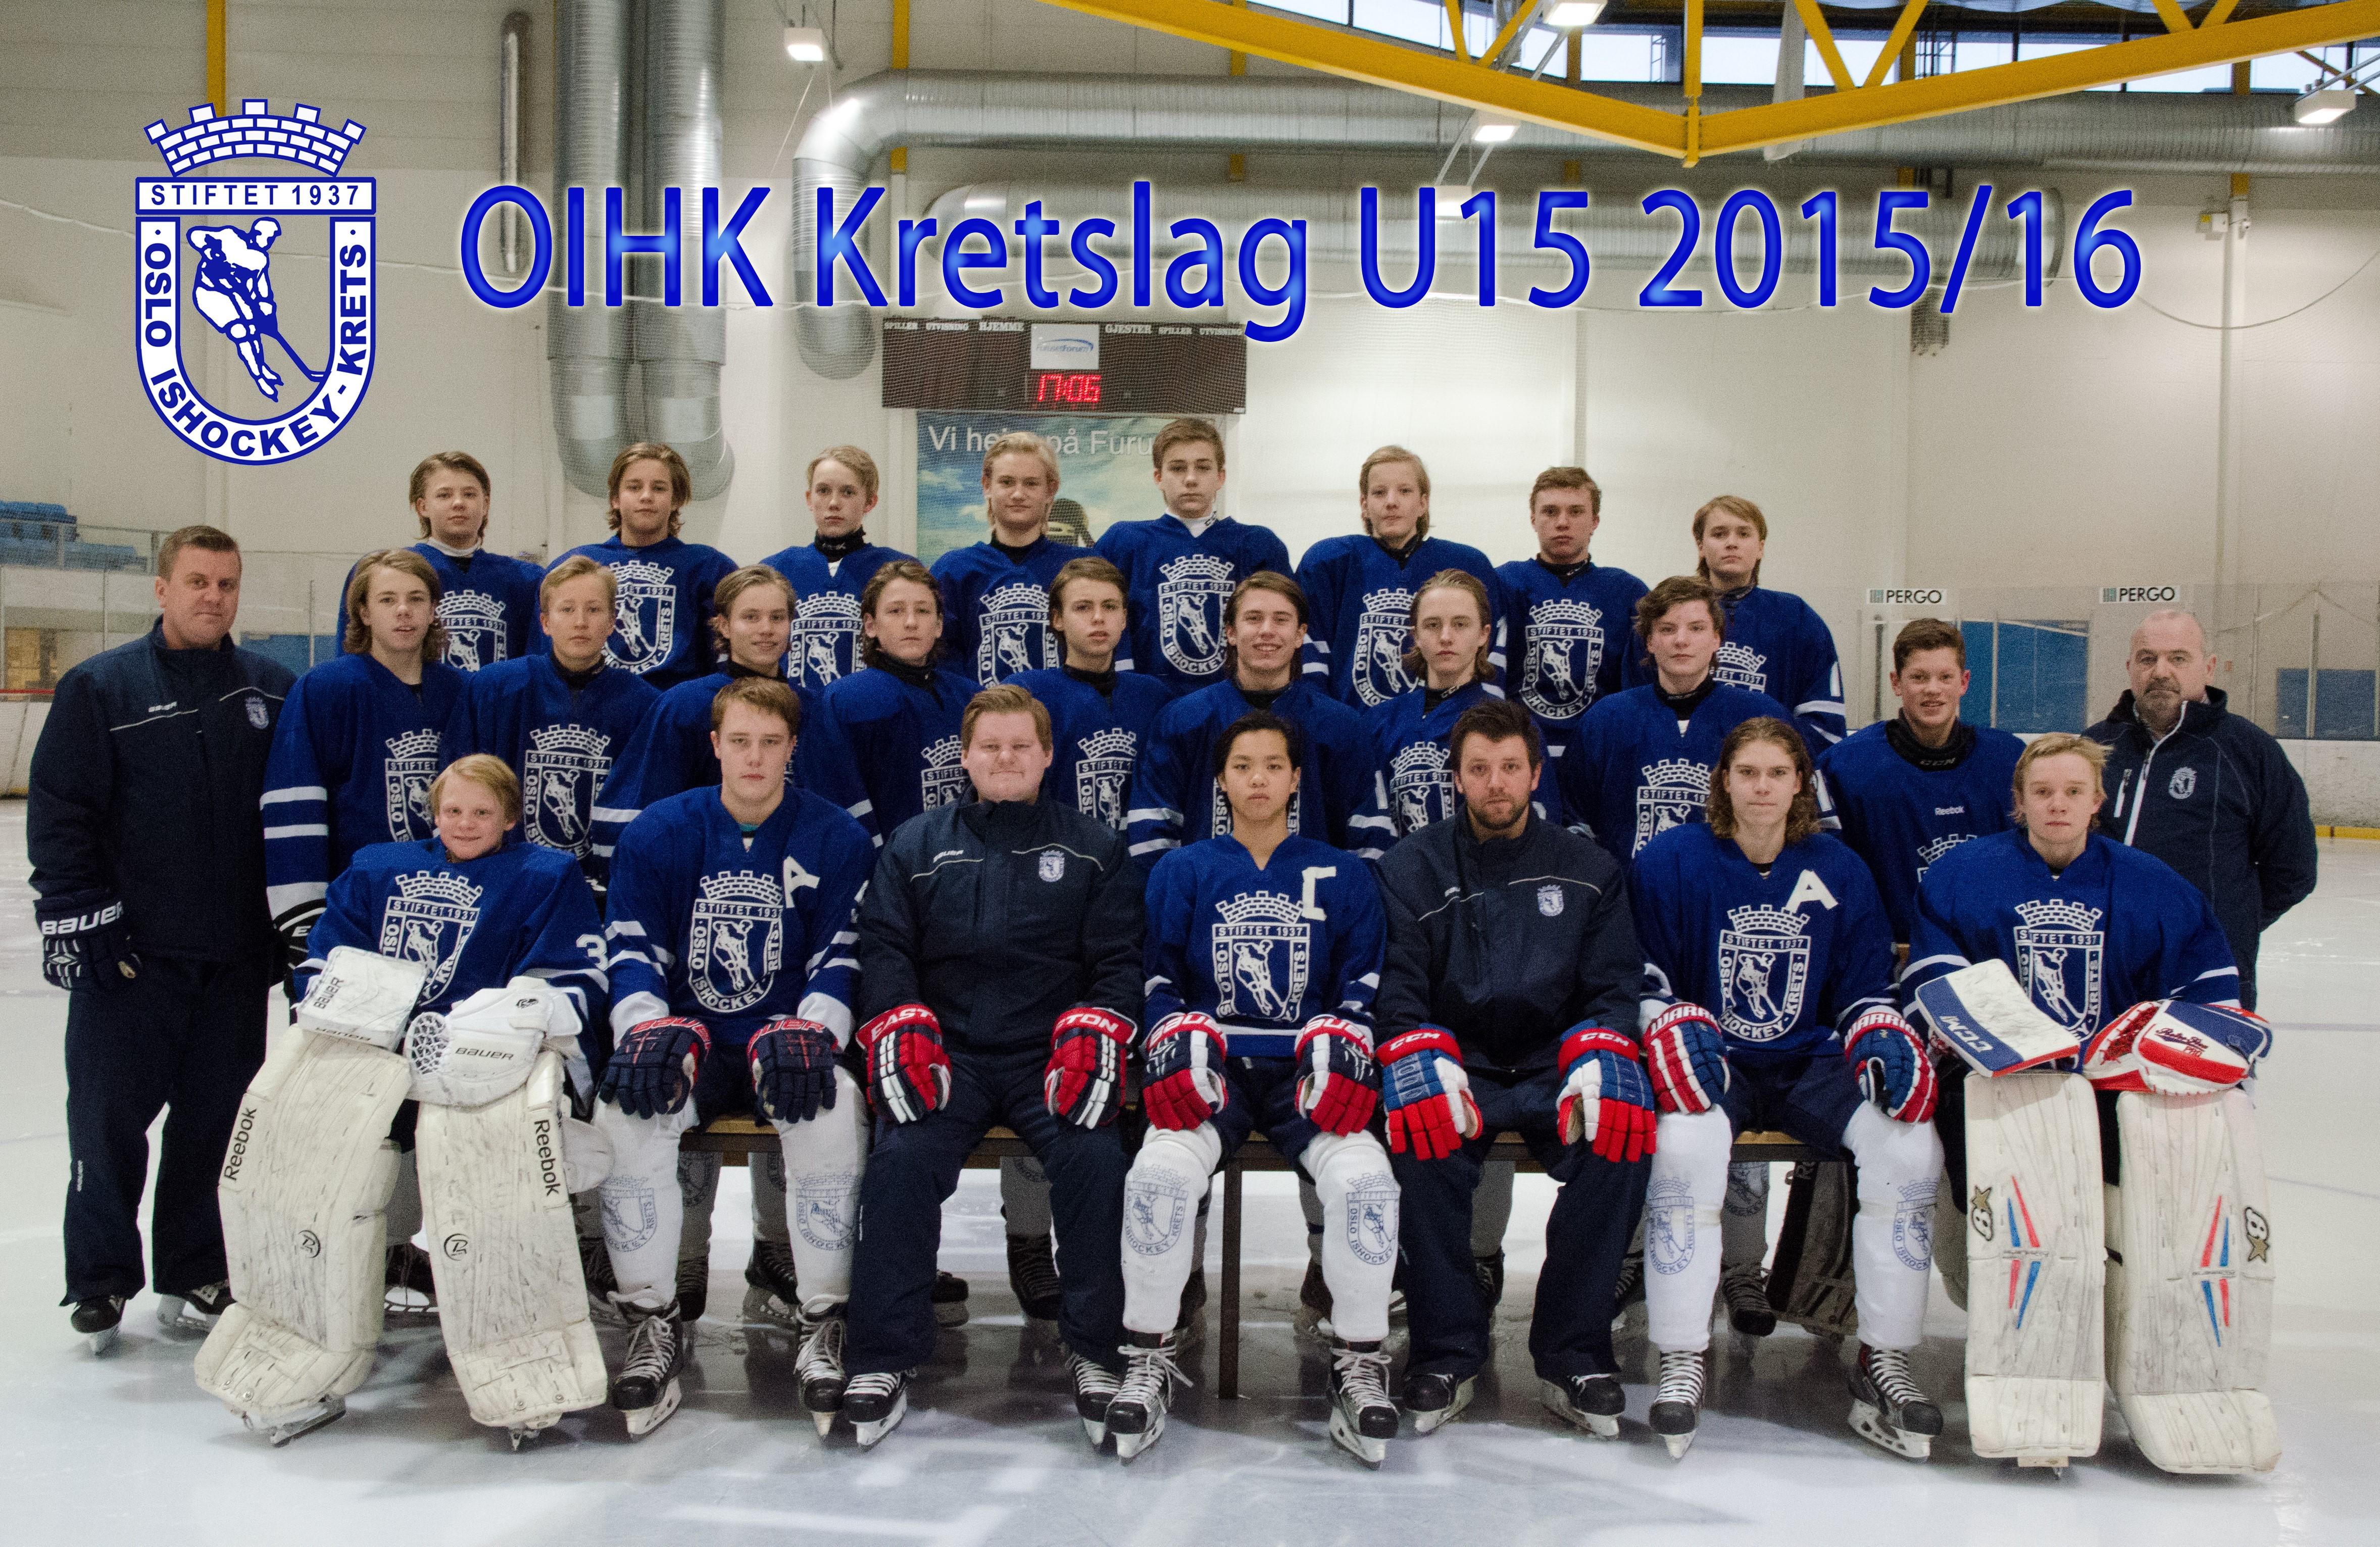 OIHK krestlag U15 2015-16